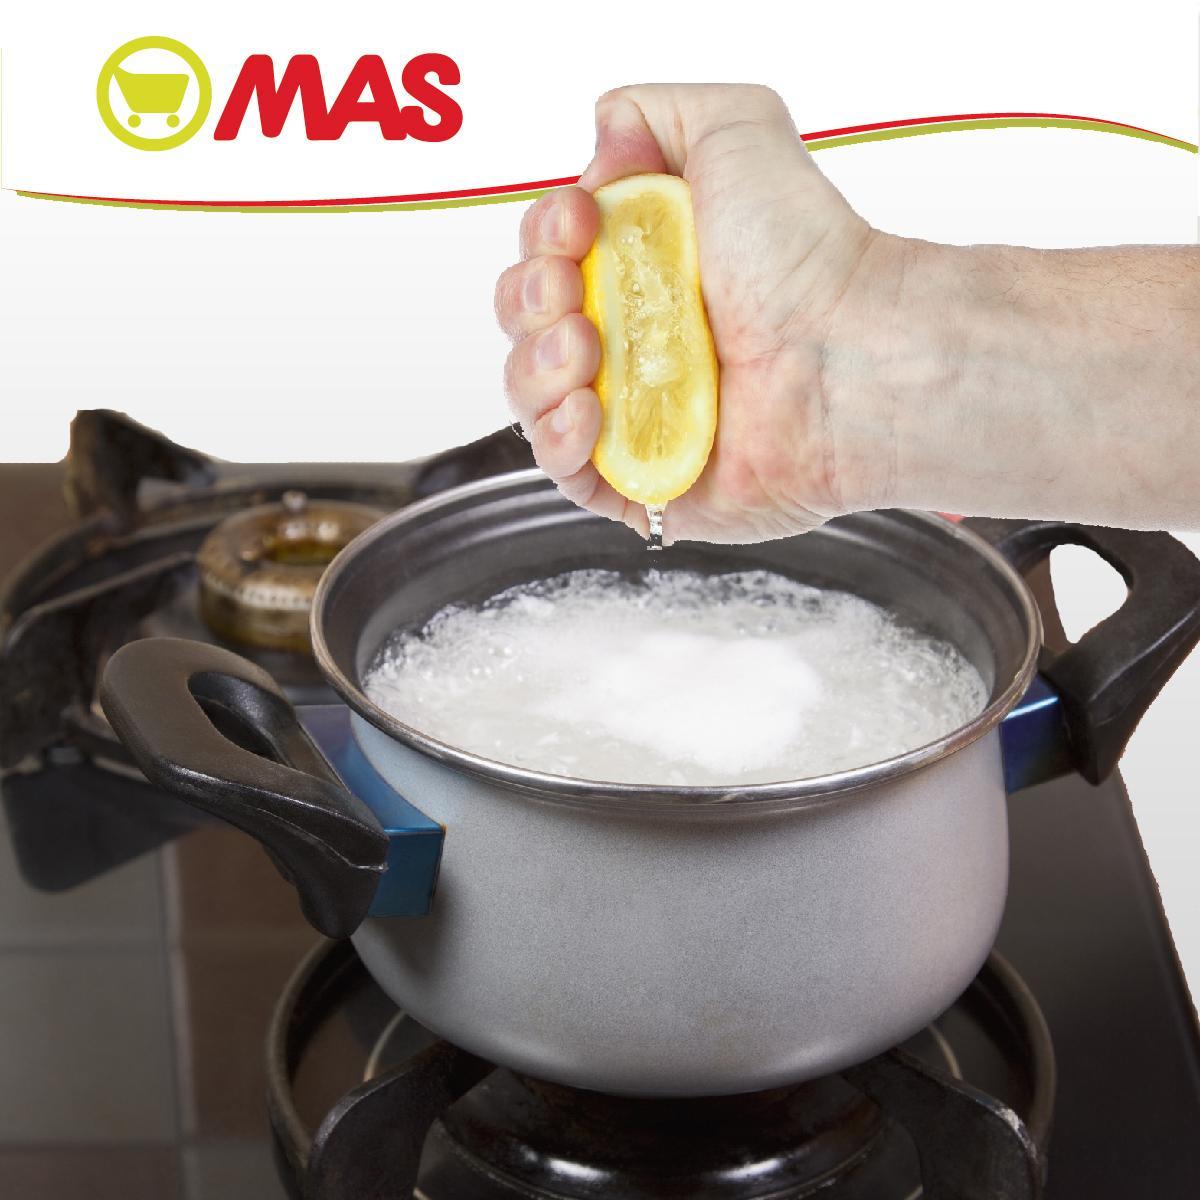 #Truco de #cocina: para que el #arroz no se te pegue, échale un poco de limón mientras cuece! #somoscocinitas http://t.co/9eBg5yKdnI